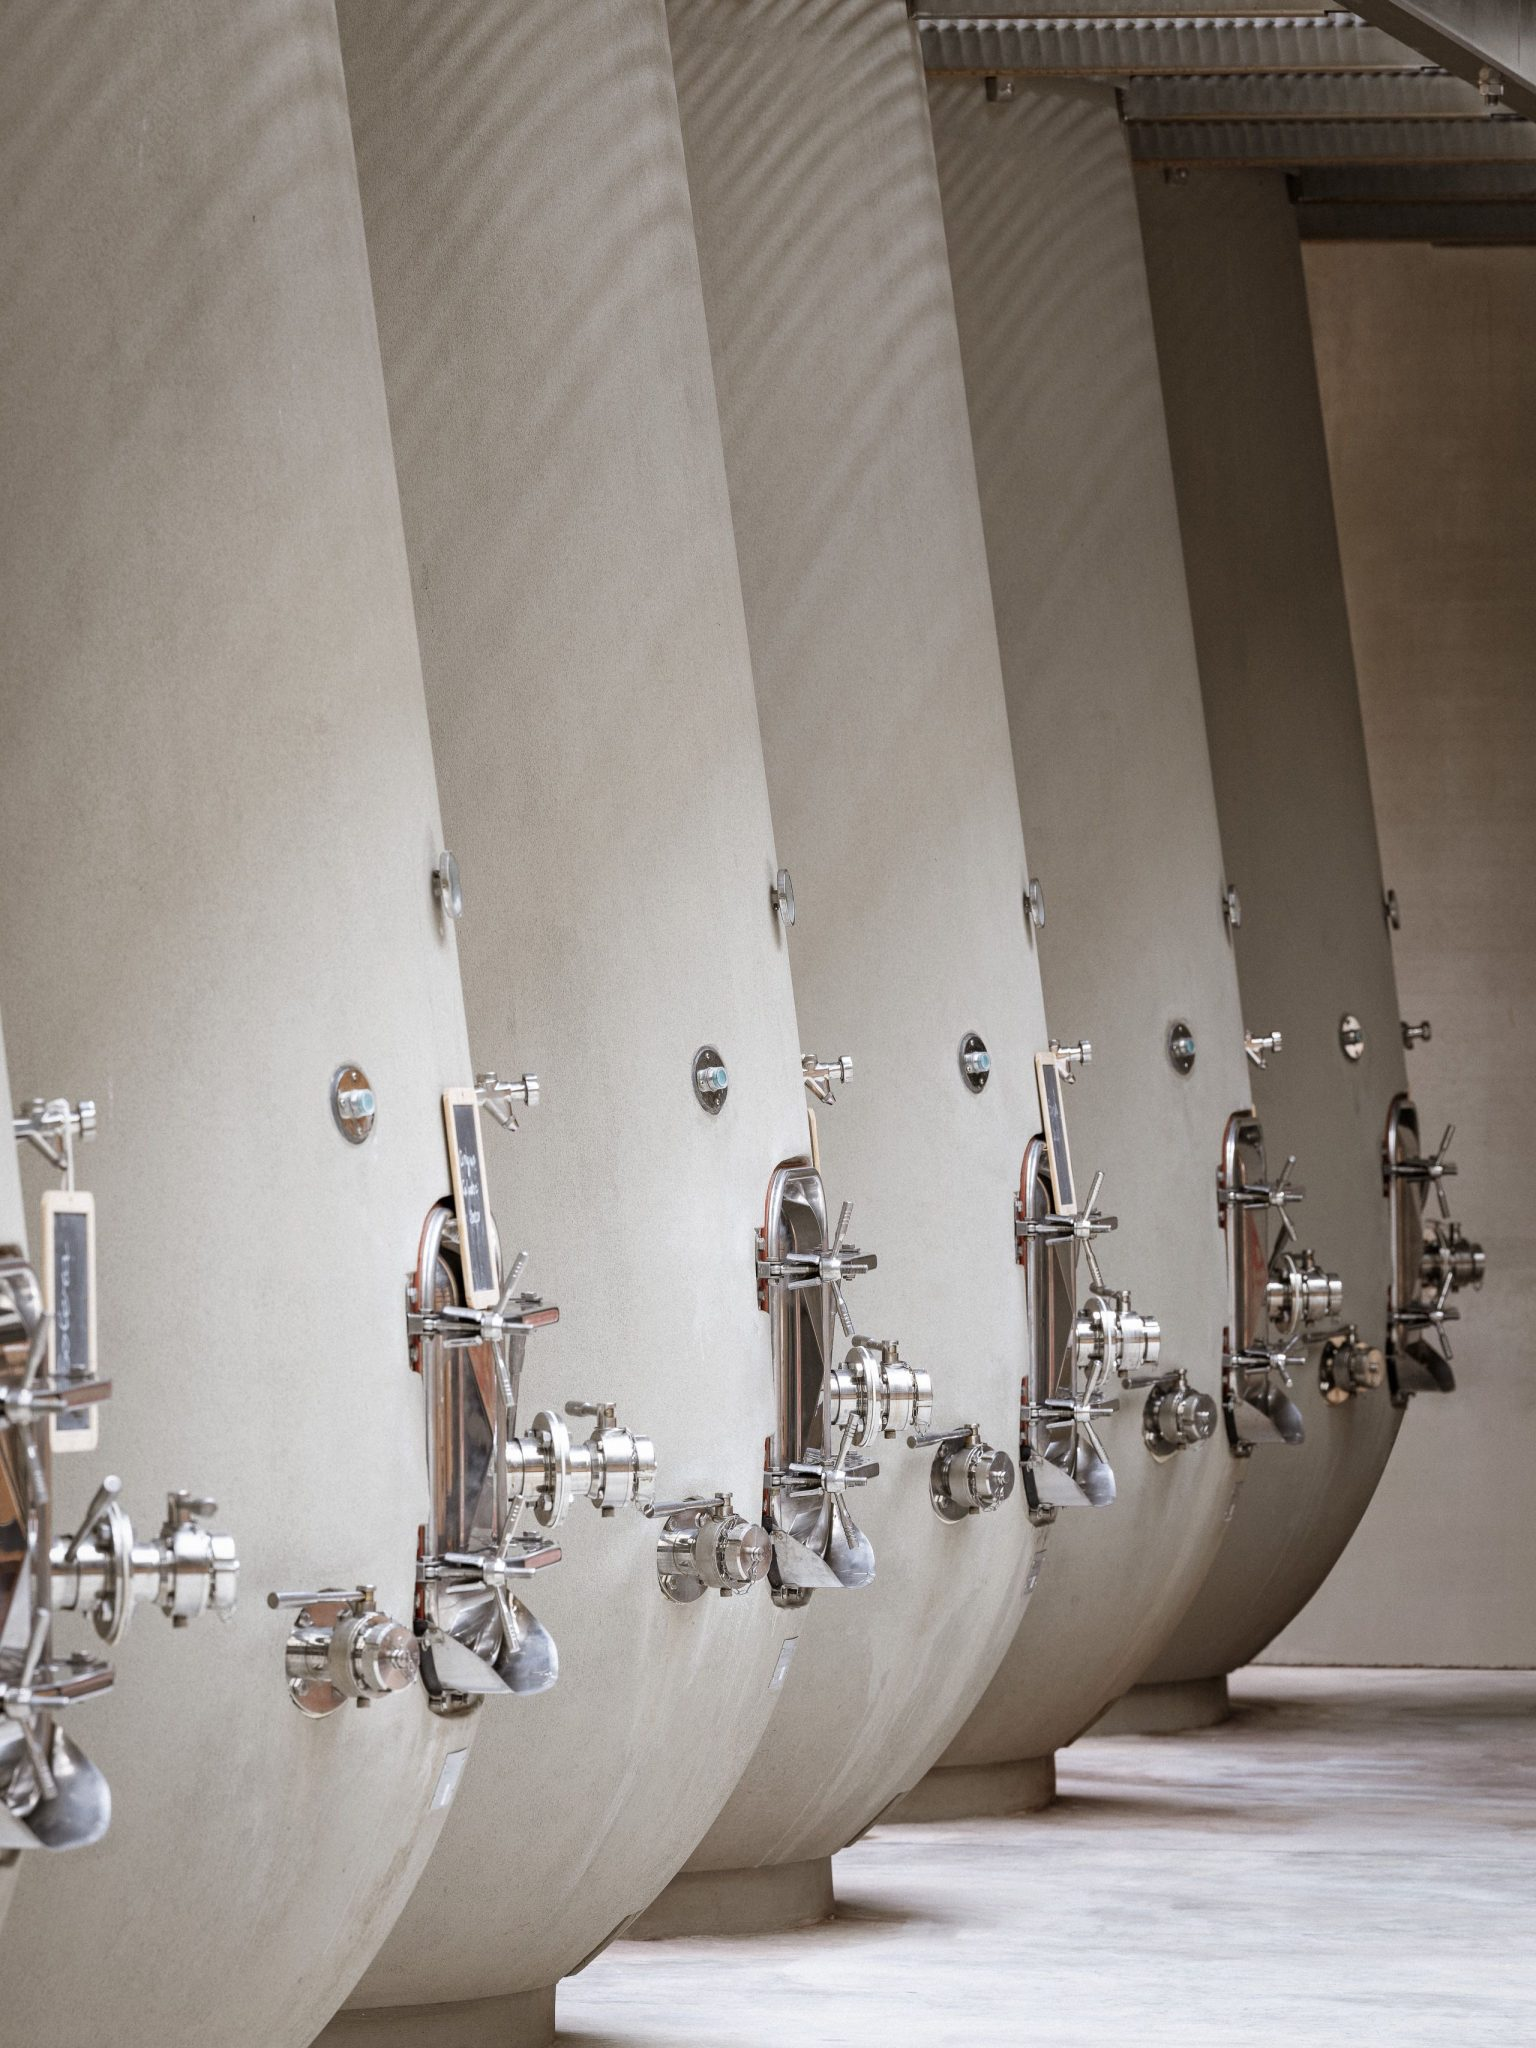 Kijk binnen in dit unieke wijnhuis van een Belgische vrouw in Zuid-Frankrijk - 6